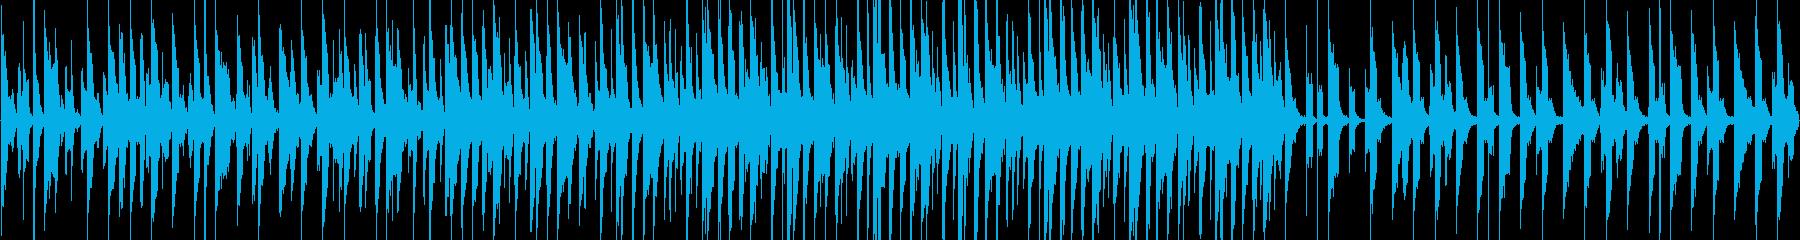 宇宙船に乗ってる感じの曲ですの再生済みの波形